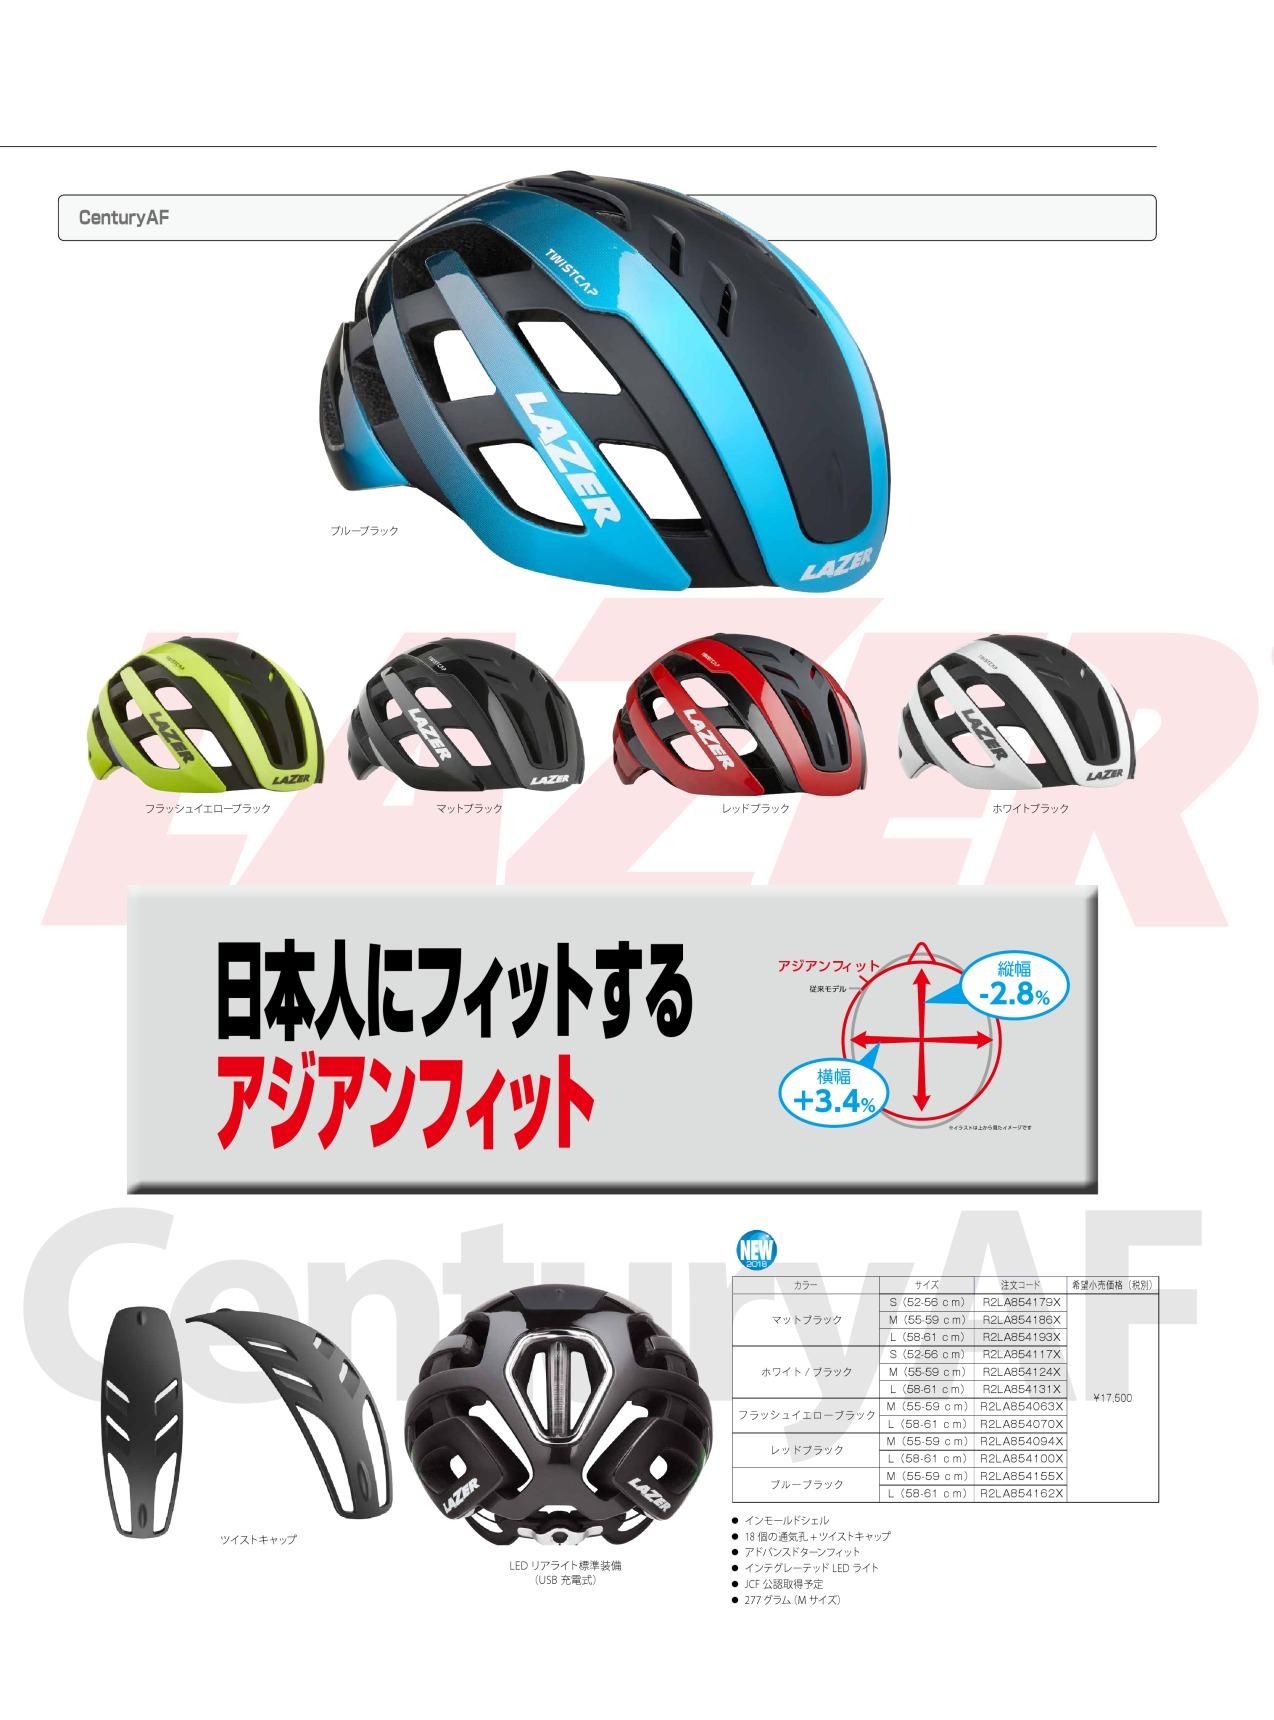 LAZER.Century AF ¥17,500